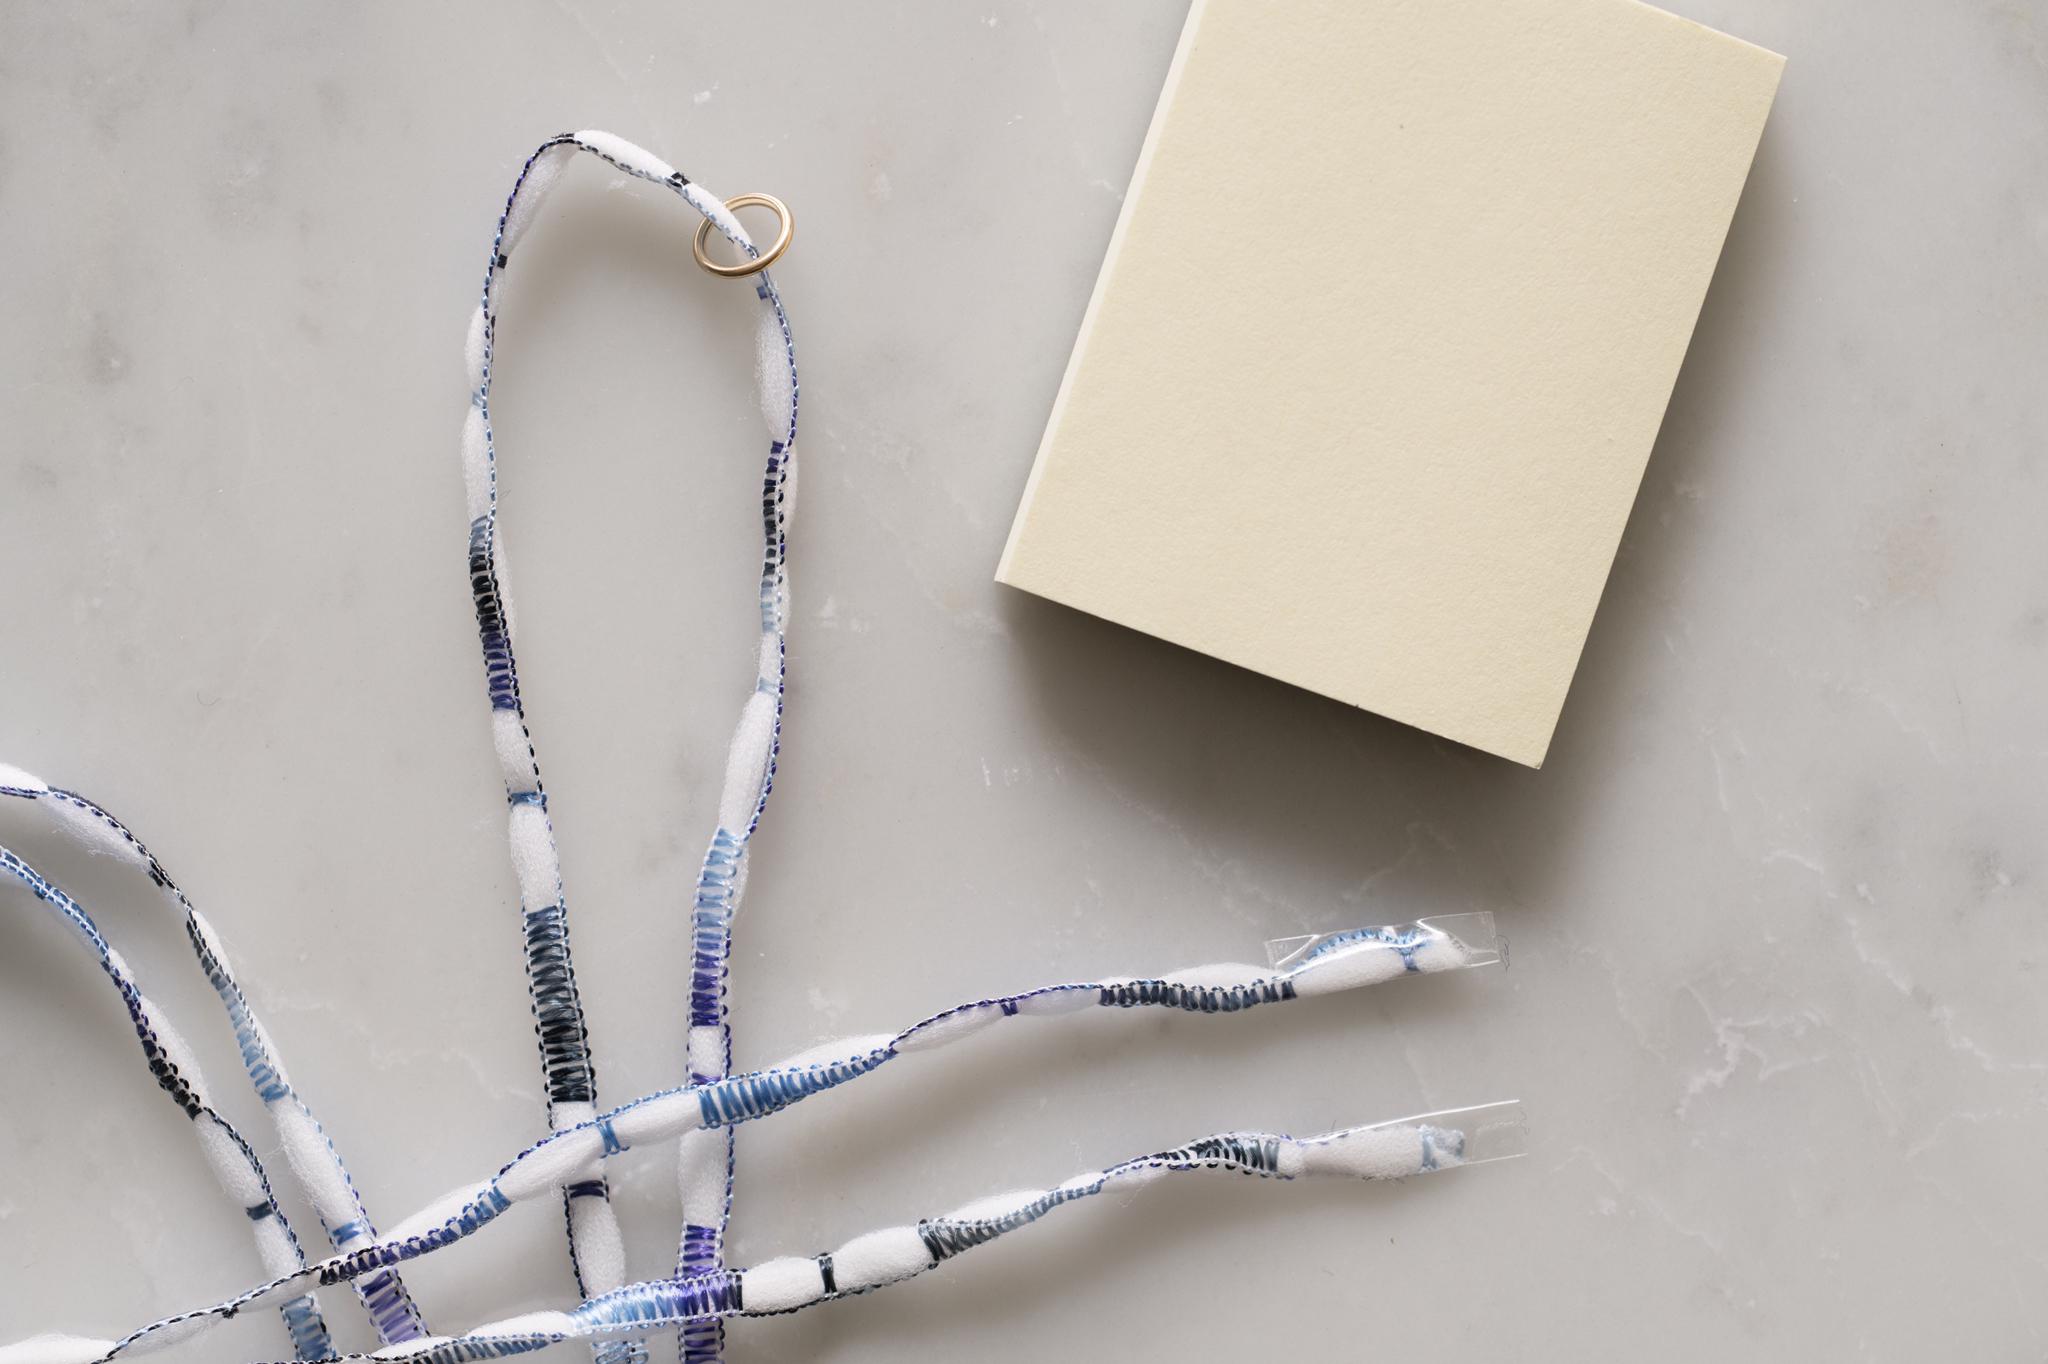 タッセルフリンジの作り方(1)-紐の両端にテープを巻いて丸カンを通します